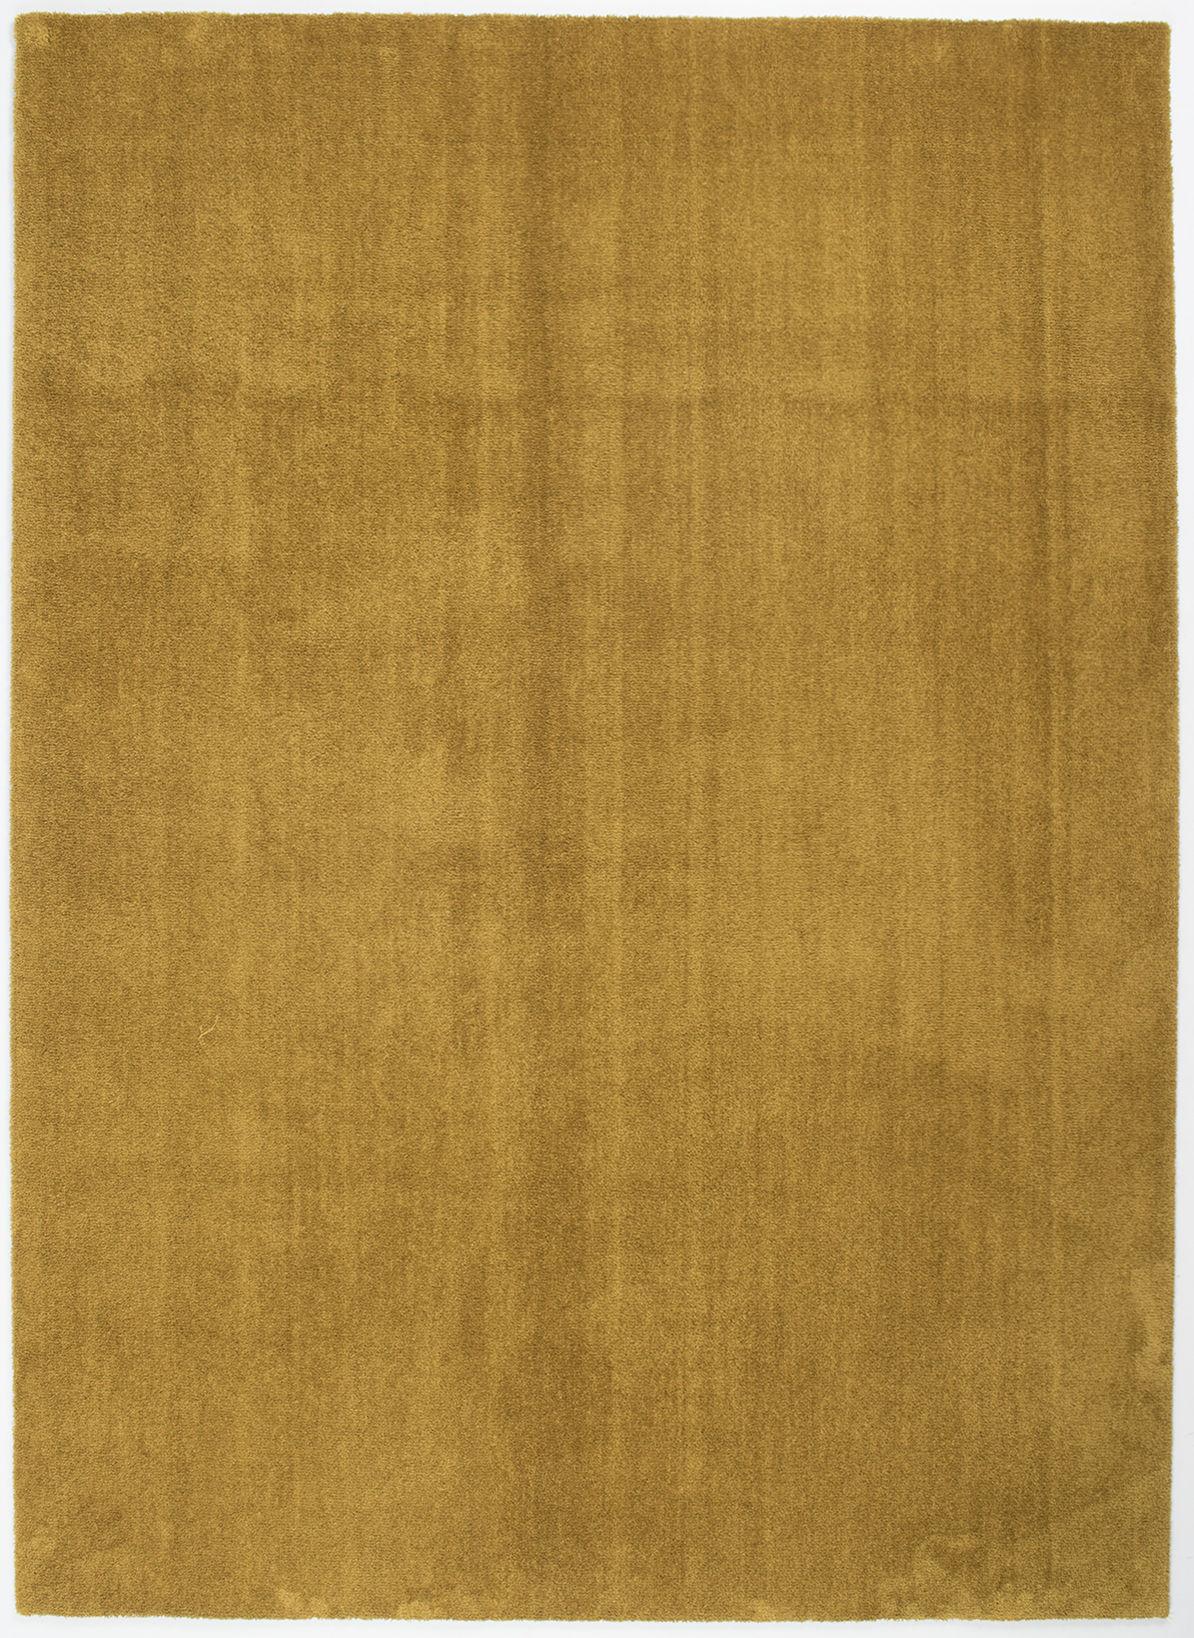 Full Size of Teppich Waschbar Kurzflor Uni Gold Herzgewebt Wohnzimmer Steinteppich Bad Teppiche Esstisch Badezimmer Schlafzimmer Für Küche Wohnzimmer Teppich Waschbar